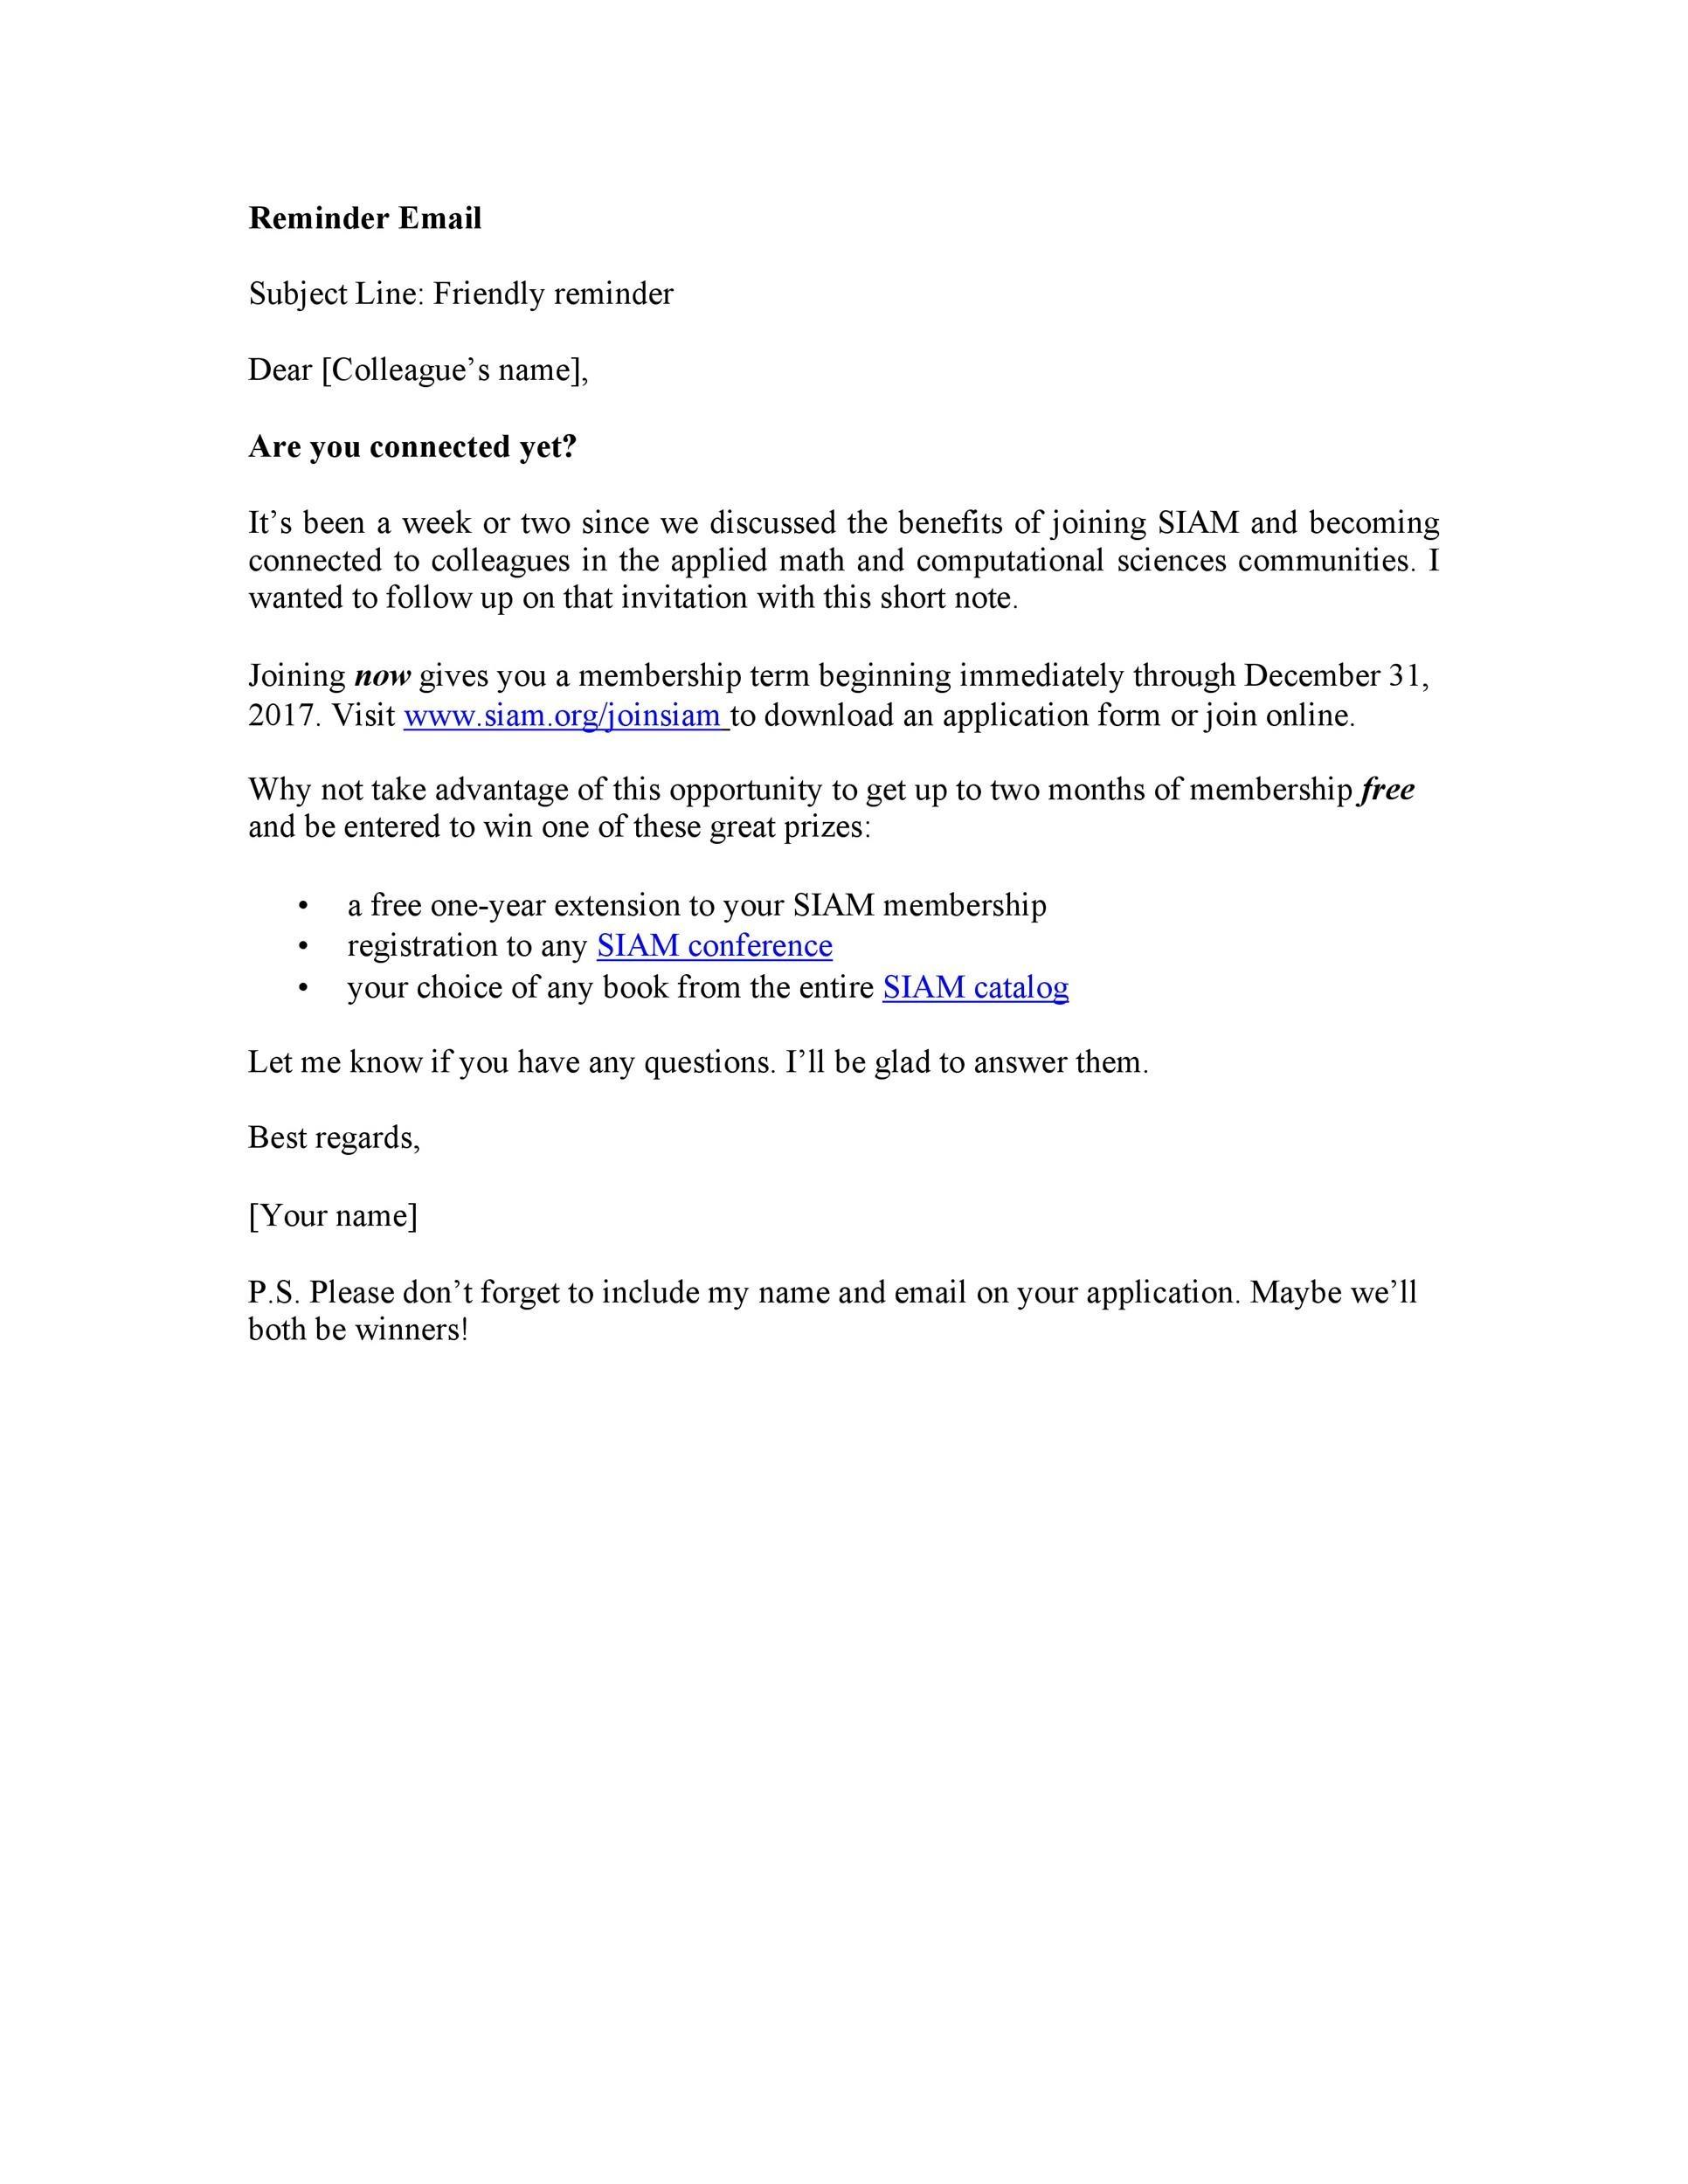 Free reminder email sample 43